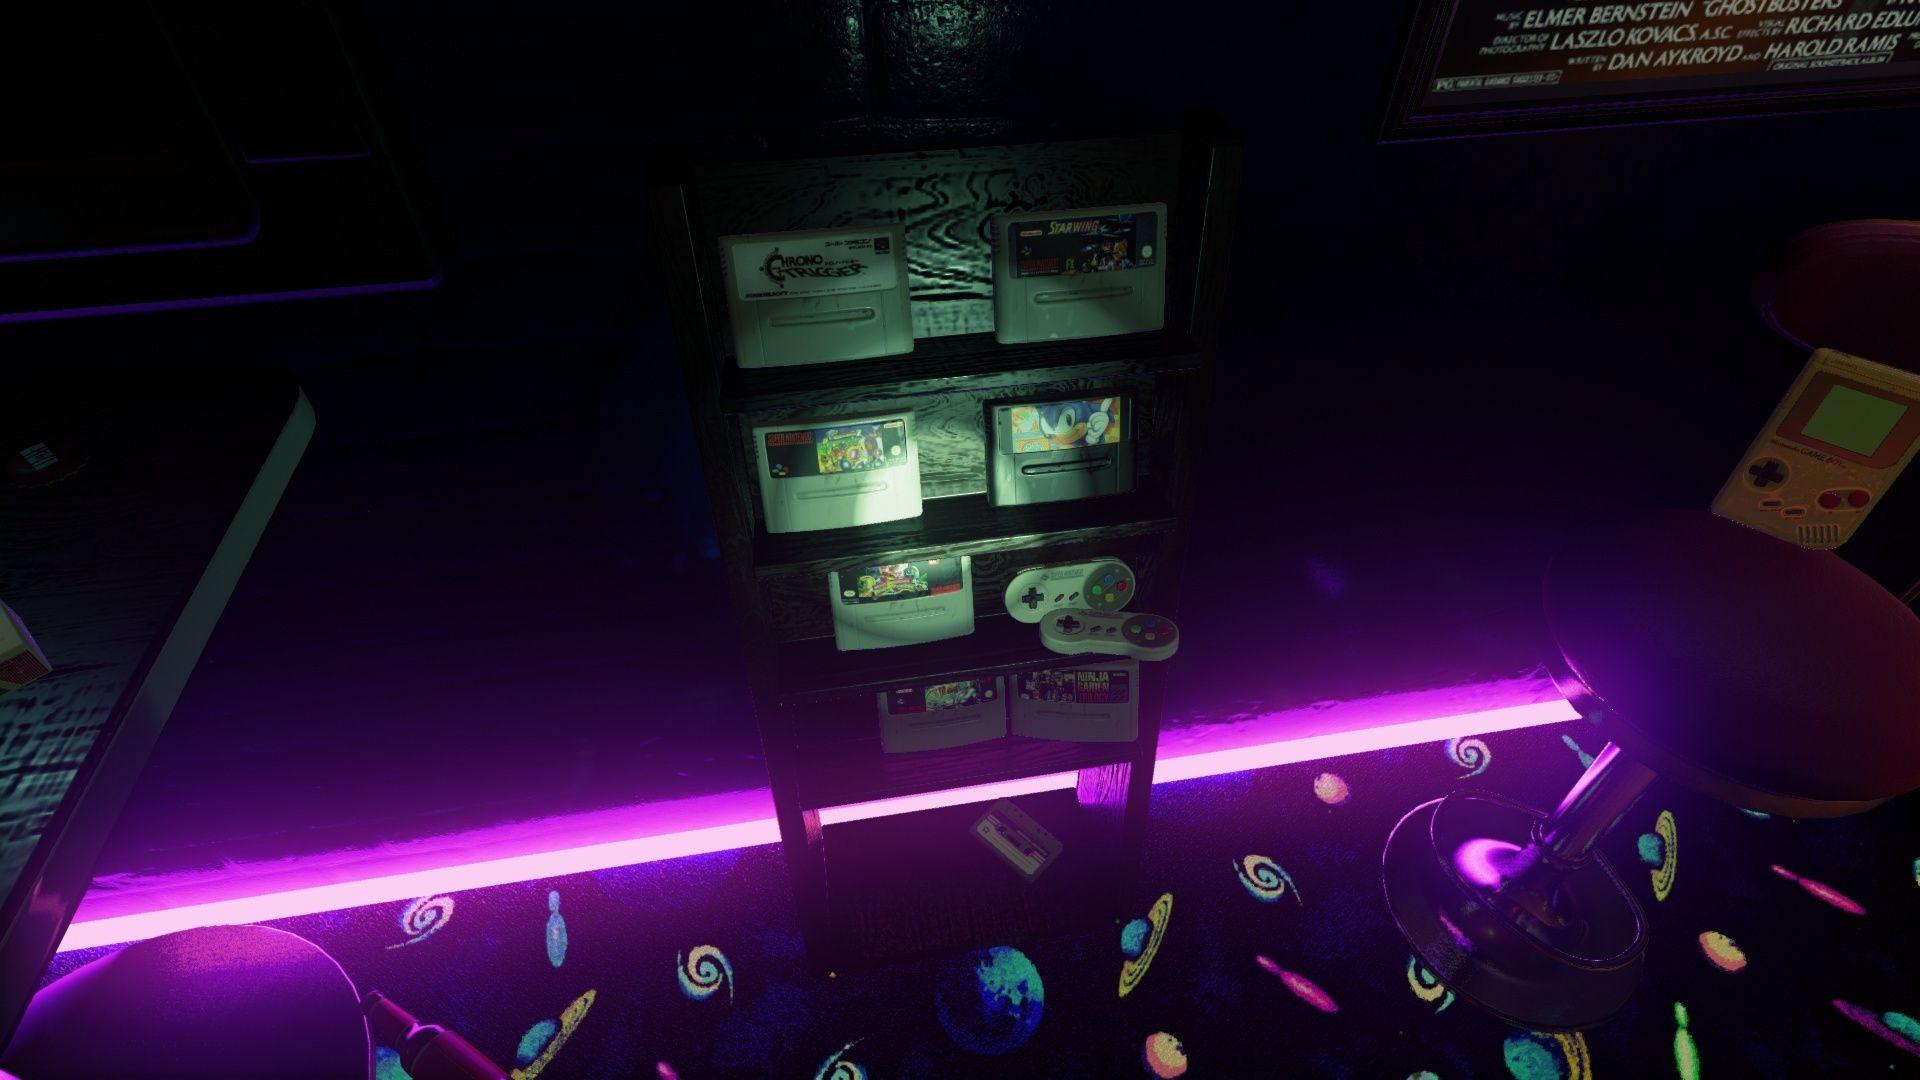 Oculus Rift : La bonne vielle salle d'arcade de notre époque  Dddddd10